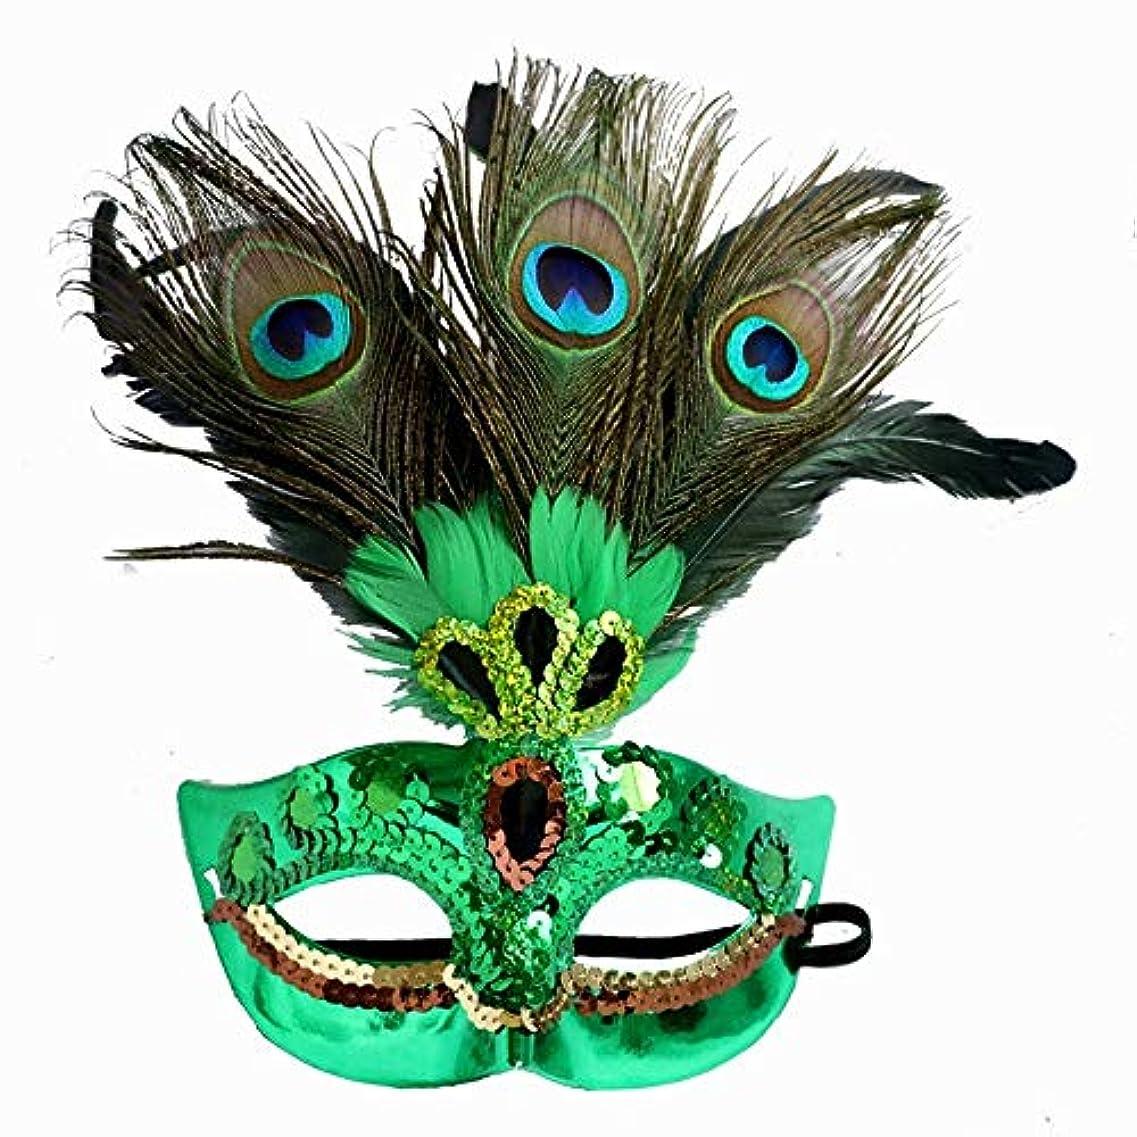 嫌いレイプ非公式ダンスマスク 仮面舞踏会マスククジャクの羽パーティー衣装ハロウィンマスクボール目猫女性マスクハーフマスク ホリデーパーティー用品 (色 : 緑, サイズ : 18x25cm)